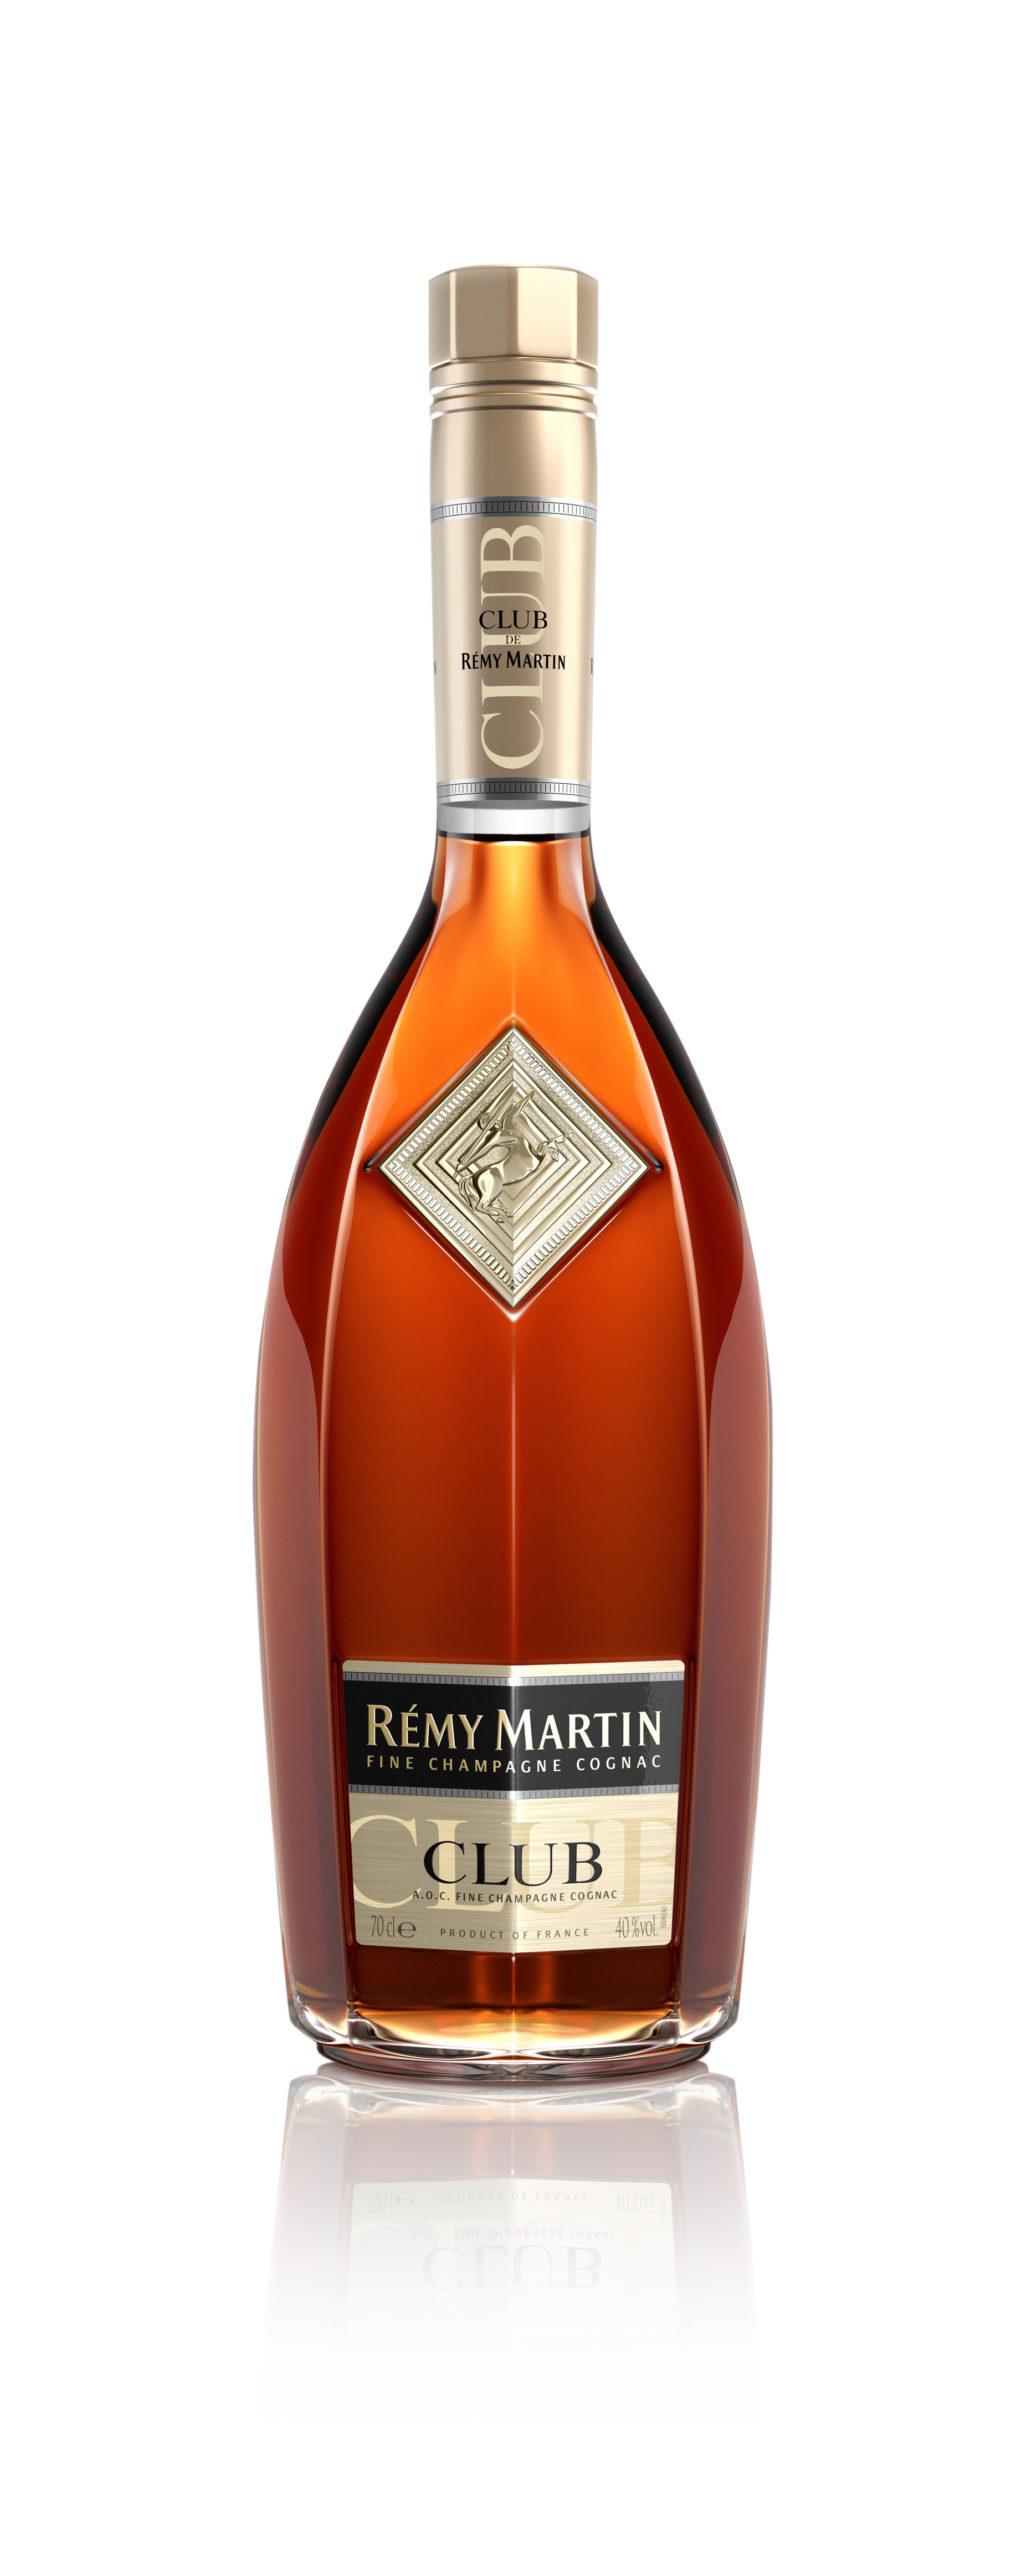 Club Rémy Martin